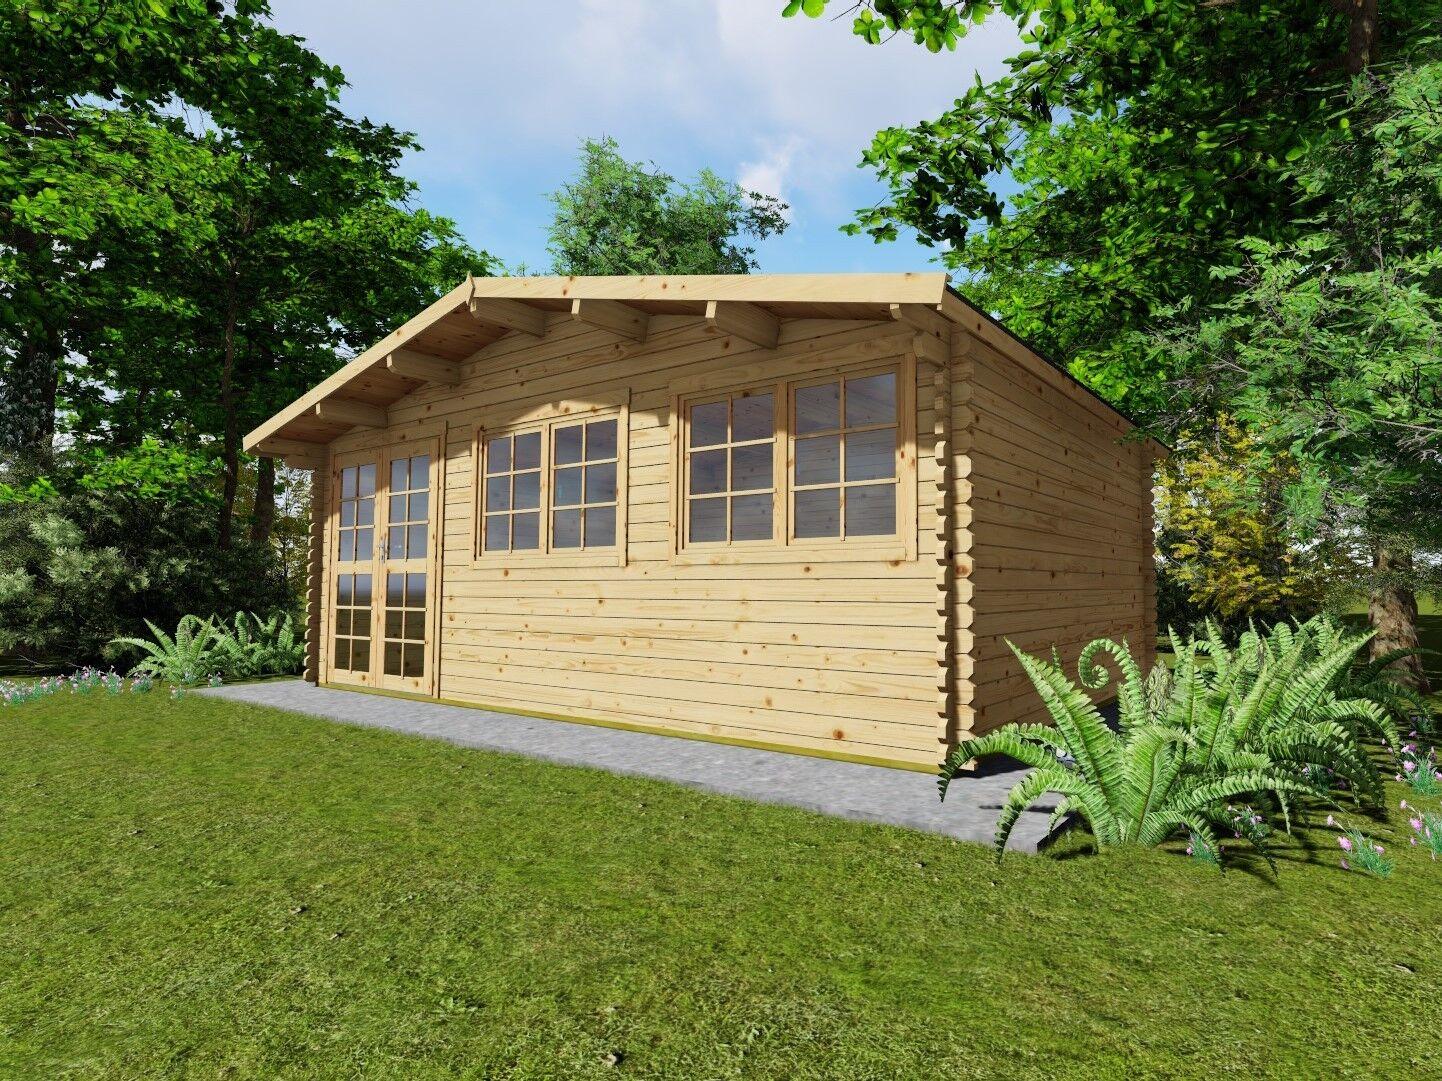 Gartenhaus Aus Holz Mit Fussboden Vordach Terrasse